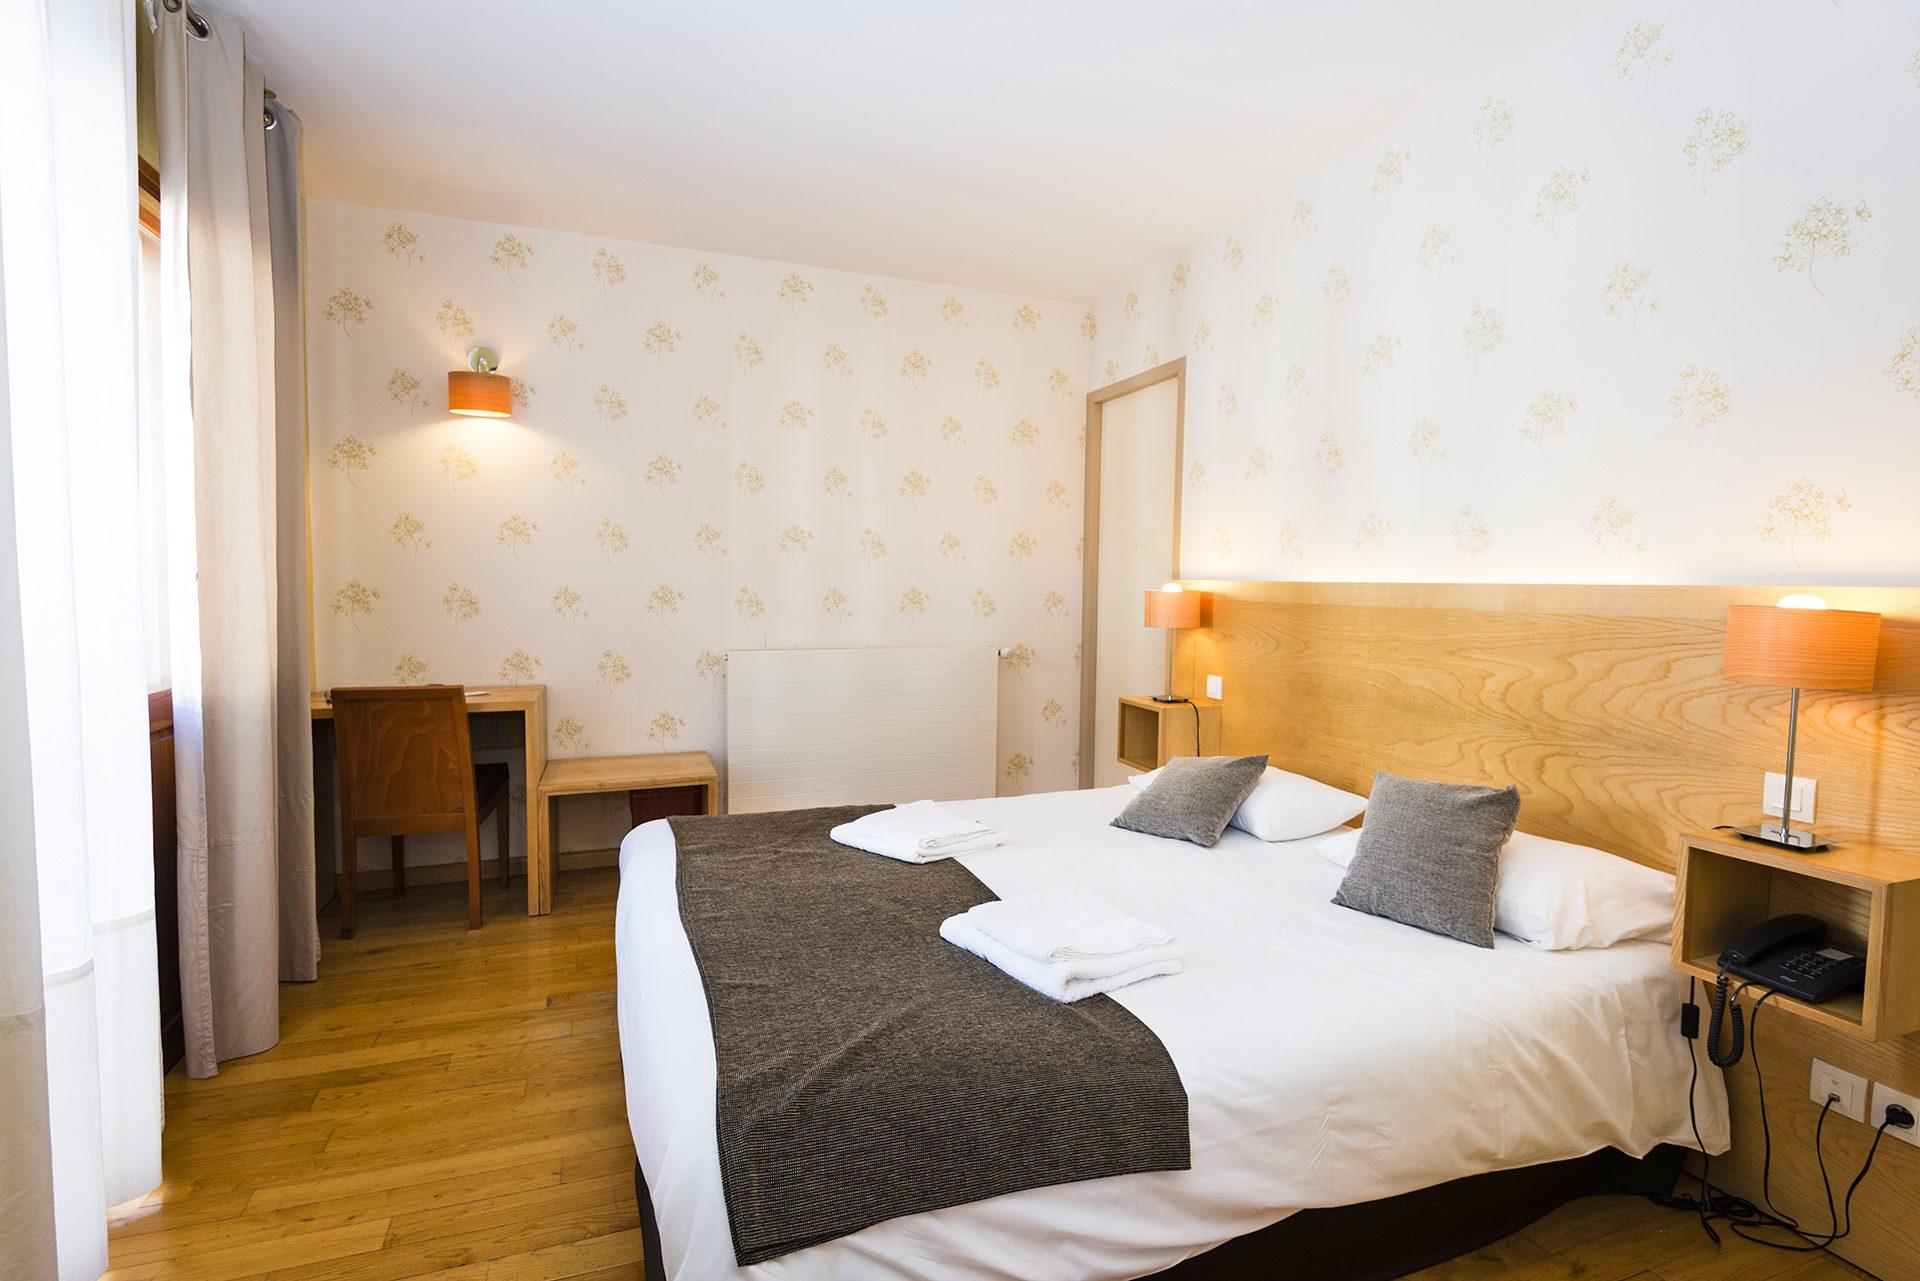 Chambre Prestige 2 - Hôtel *** Le Chalet à Ax les Thermes en Ariège Pyrénées